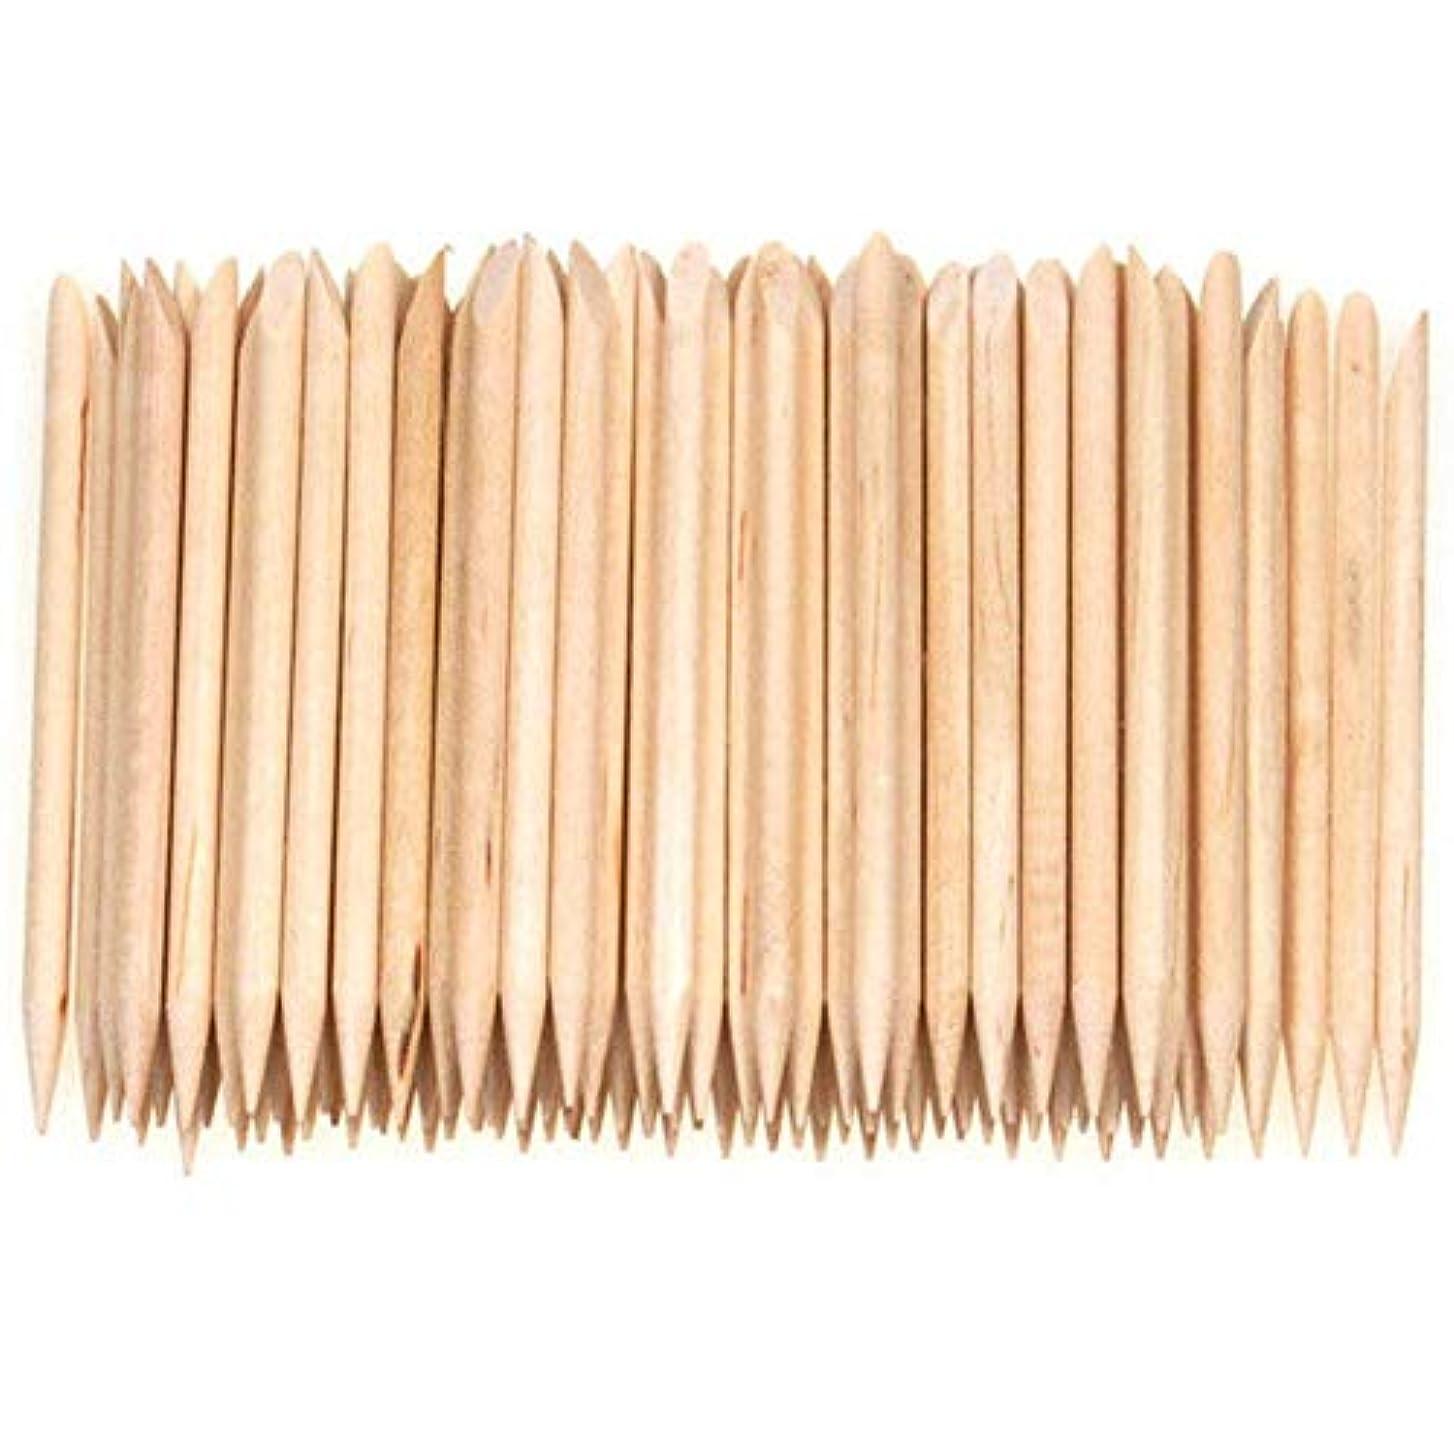 過度のキャロラインヒールSemoic 100個ネイルアートデザイン木製の棒キューティクルプッシャーリムーバーマニキュアケア